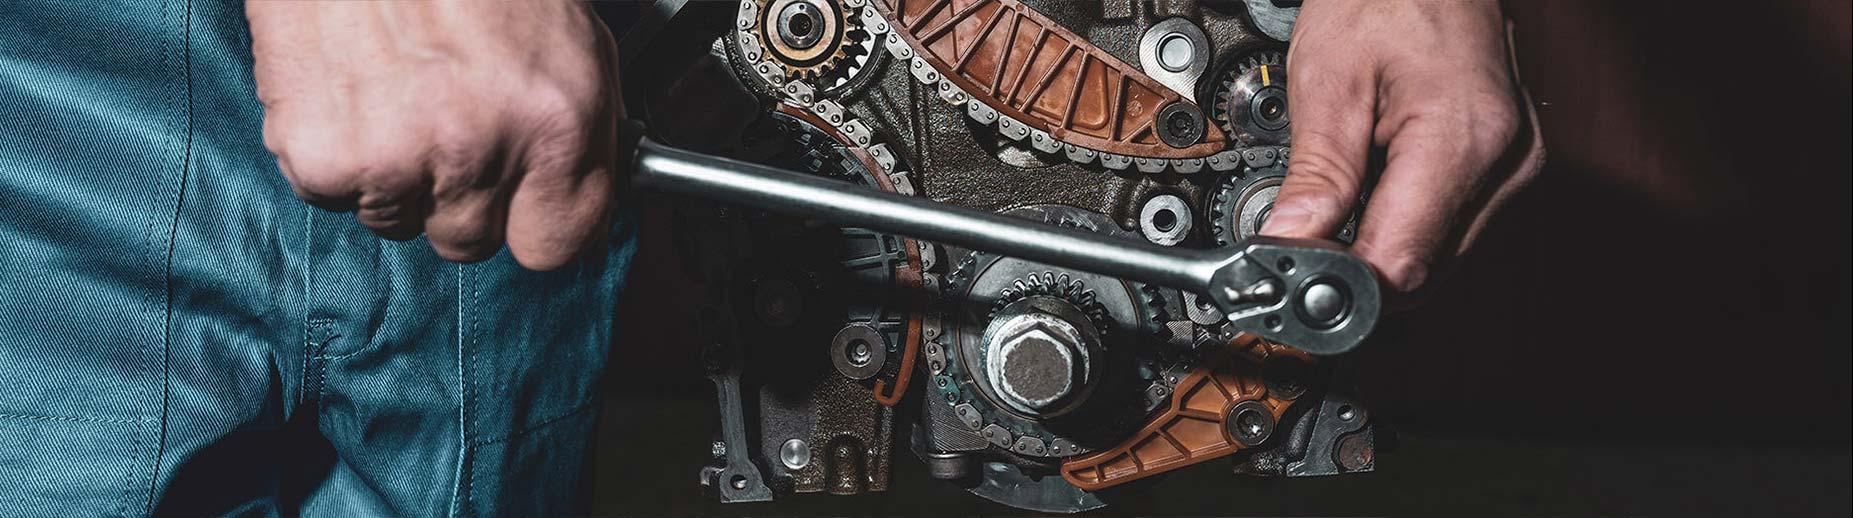 Odessa Auto Repair, Auto Mechanic and Diesel Mechanic